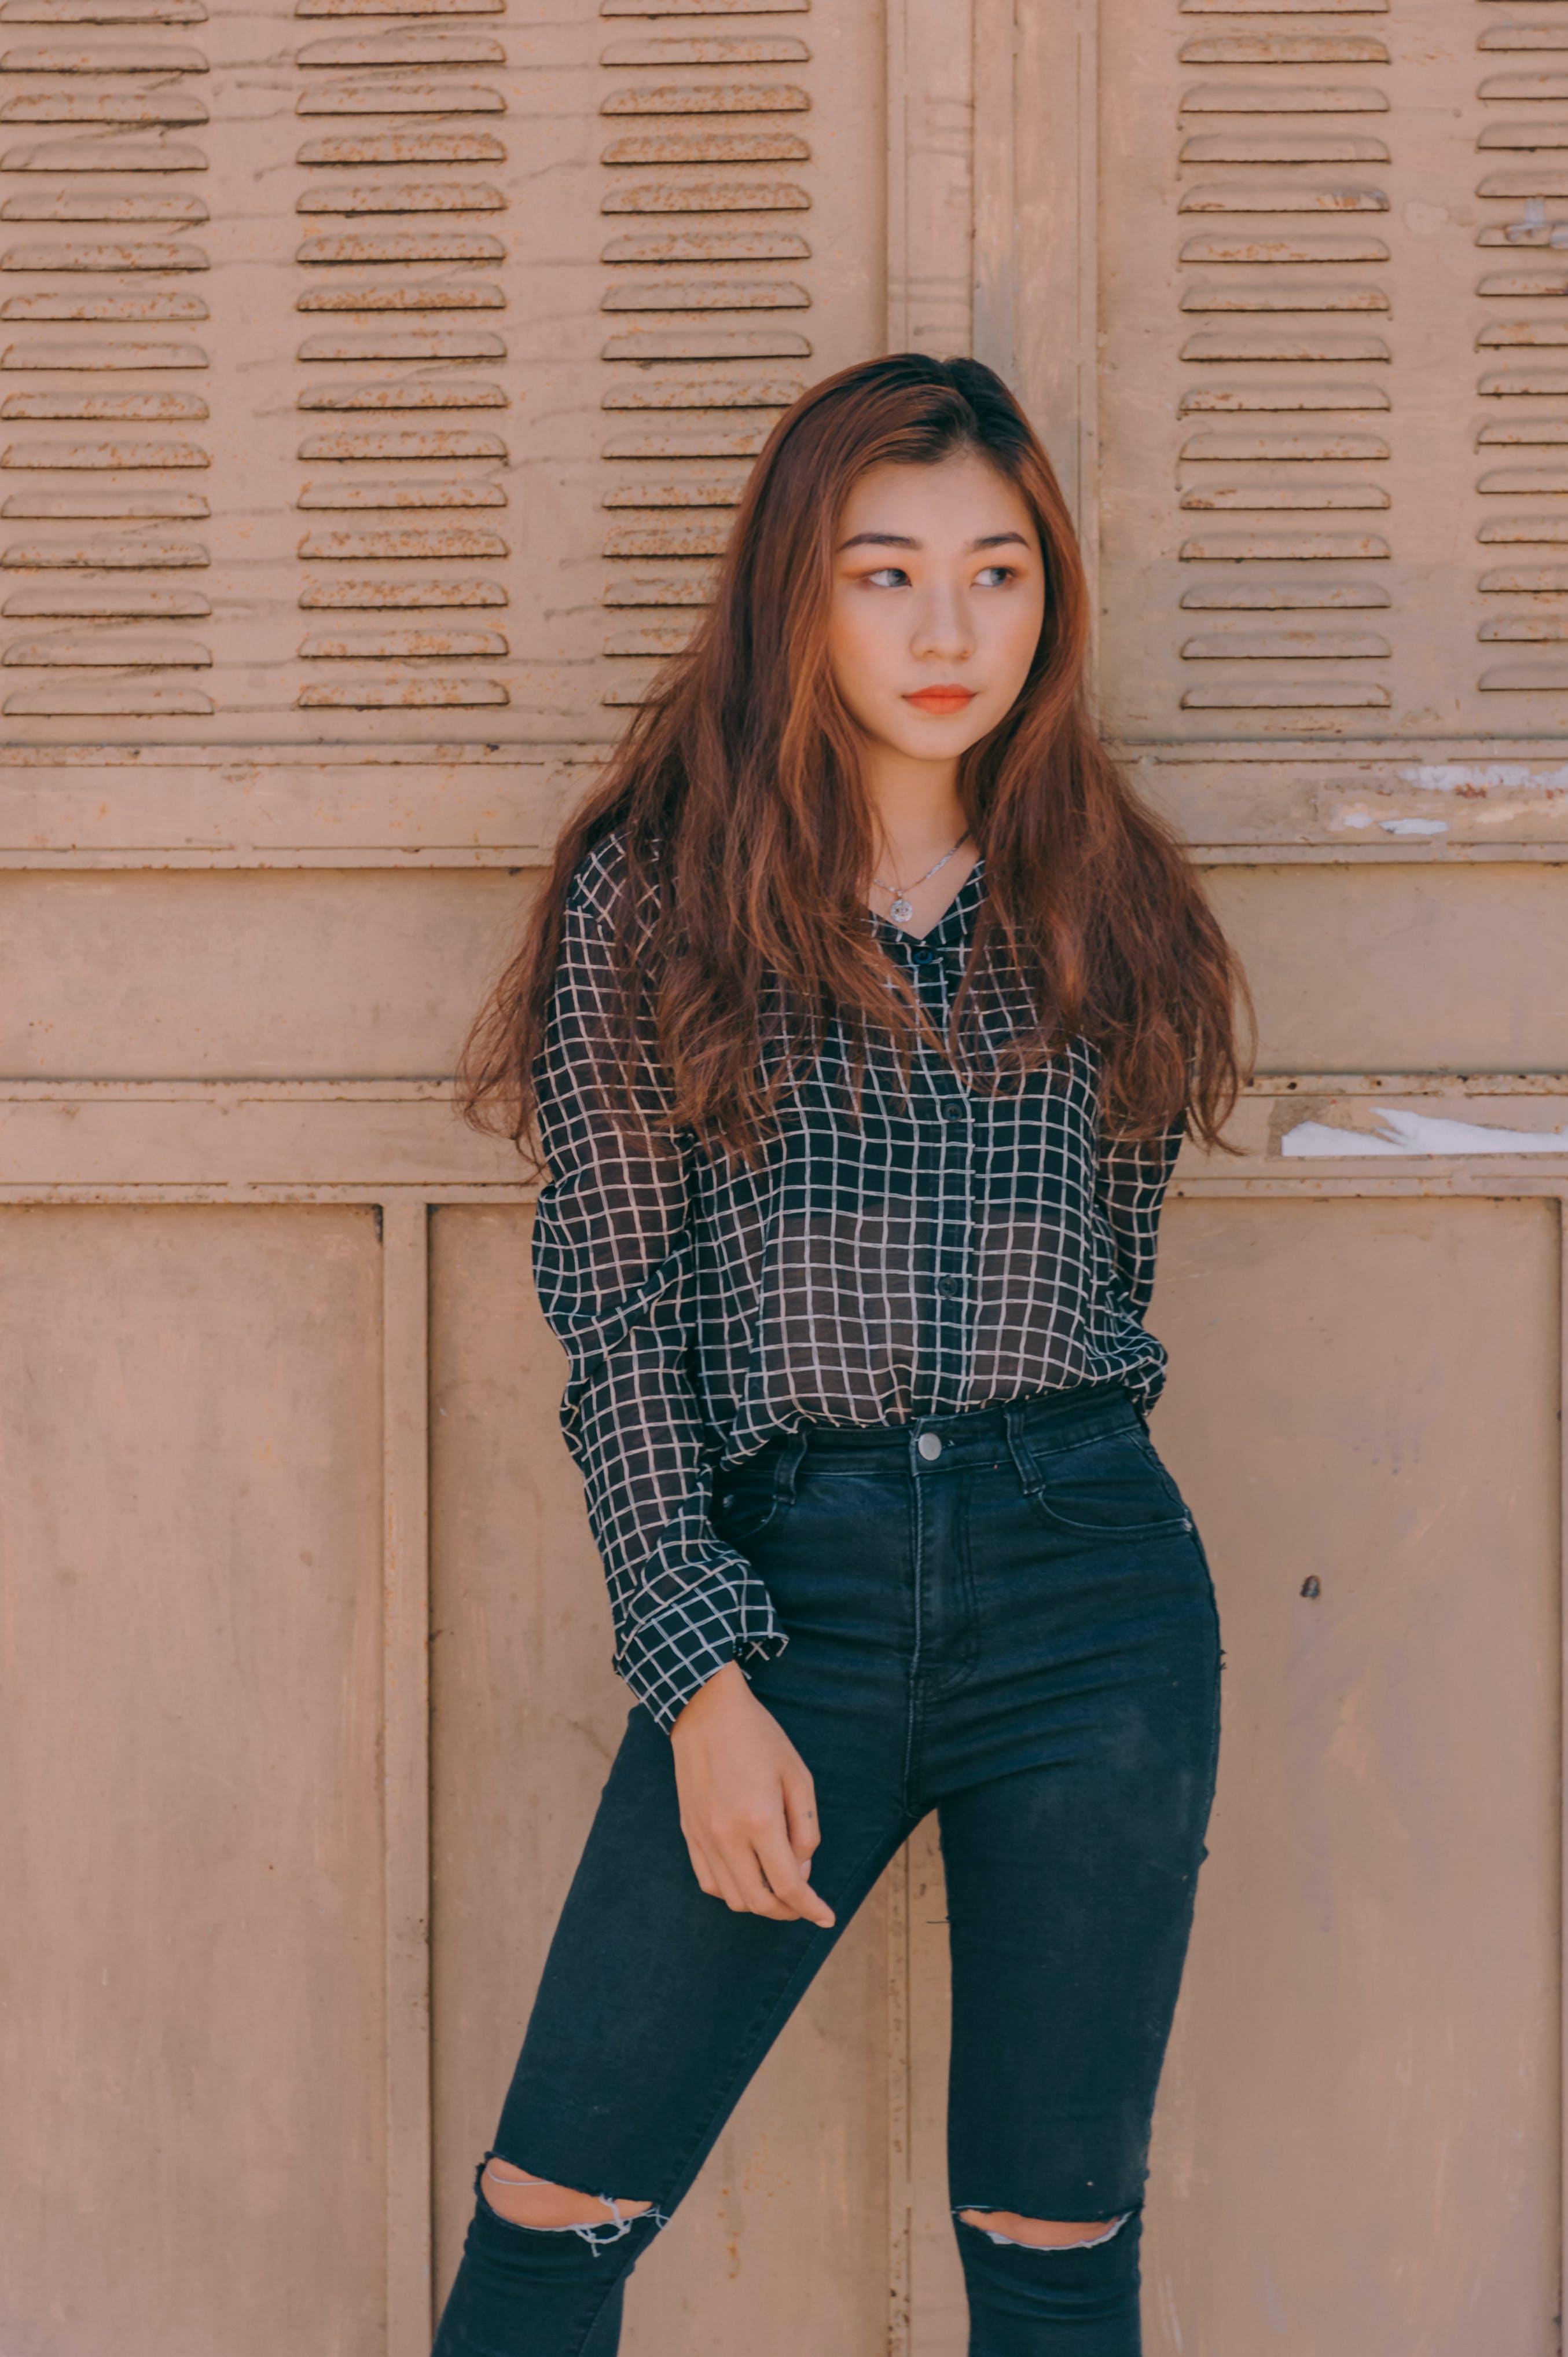 Gratis lagerfoto af ansigtsudtryk, asiatisk kvinde, bukser, dagtimer